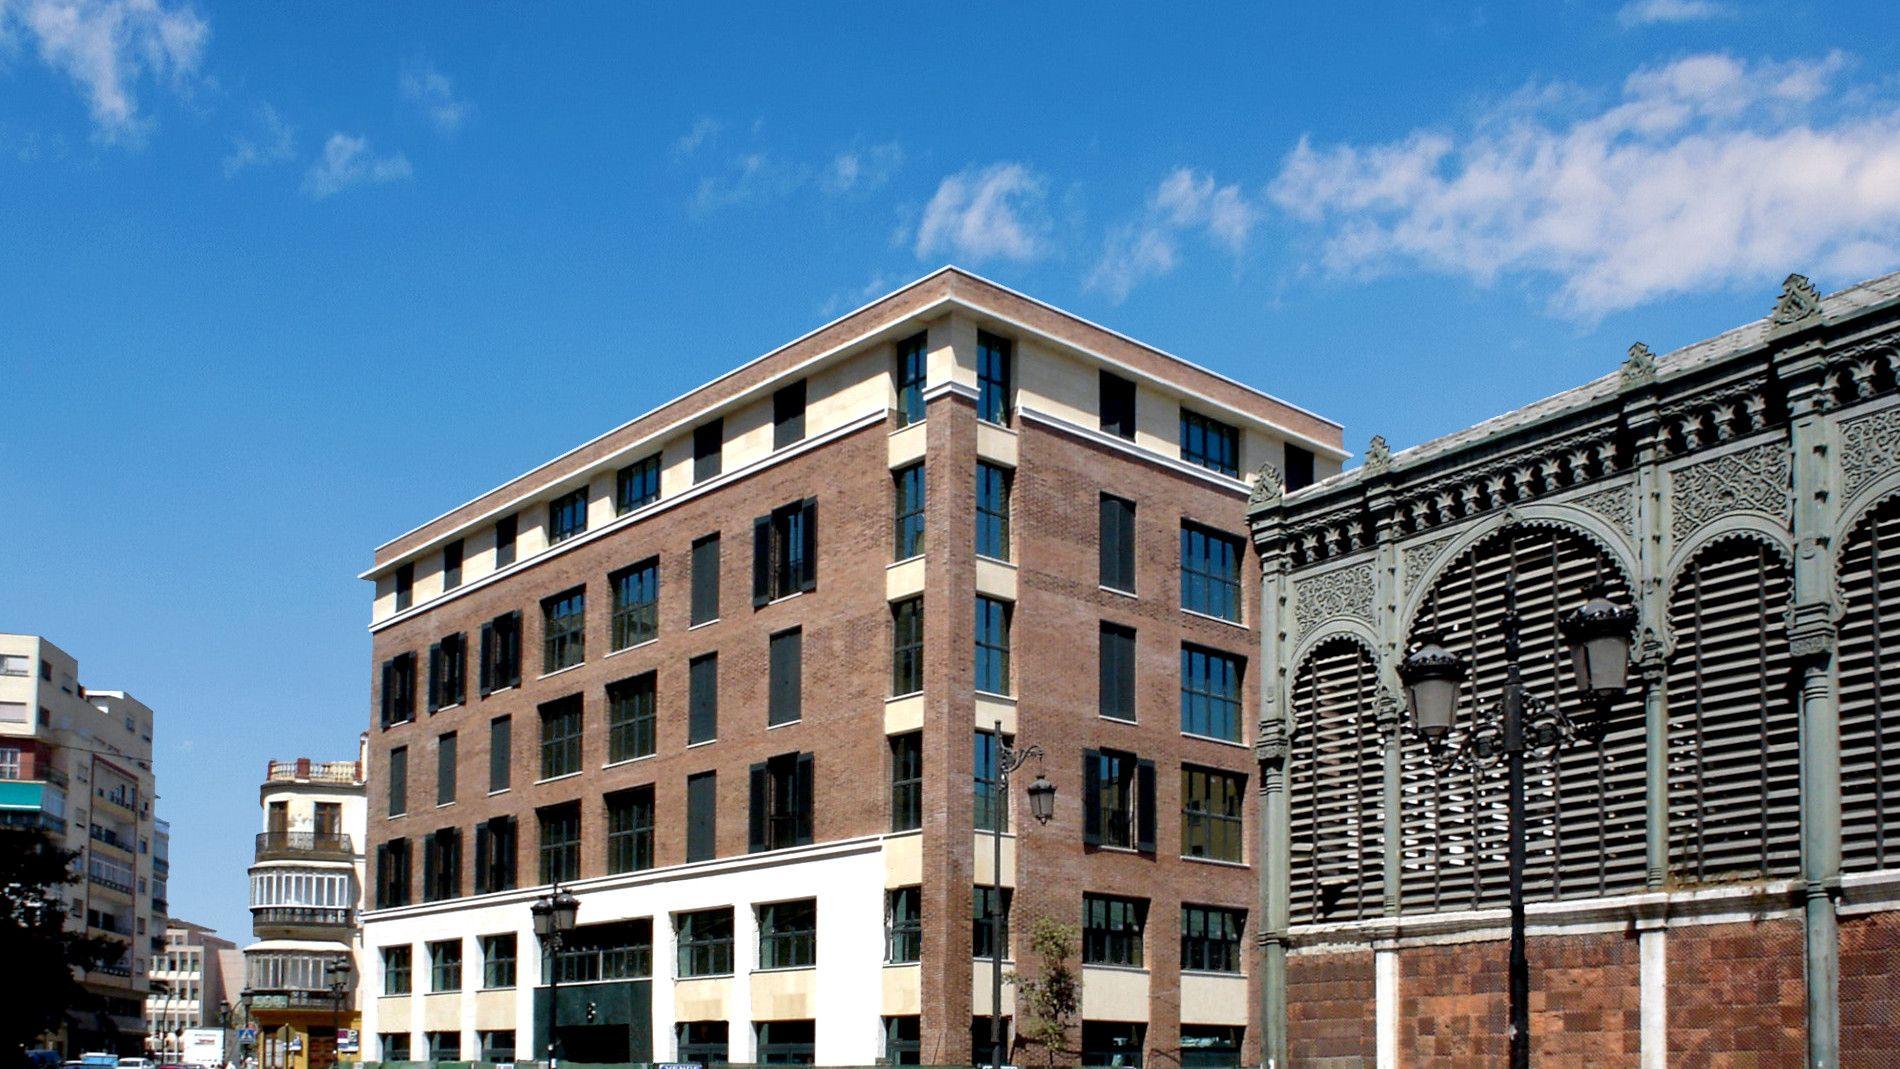 Edificio Atarazanas Malaga